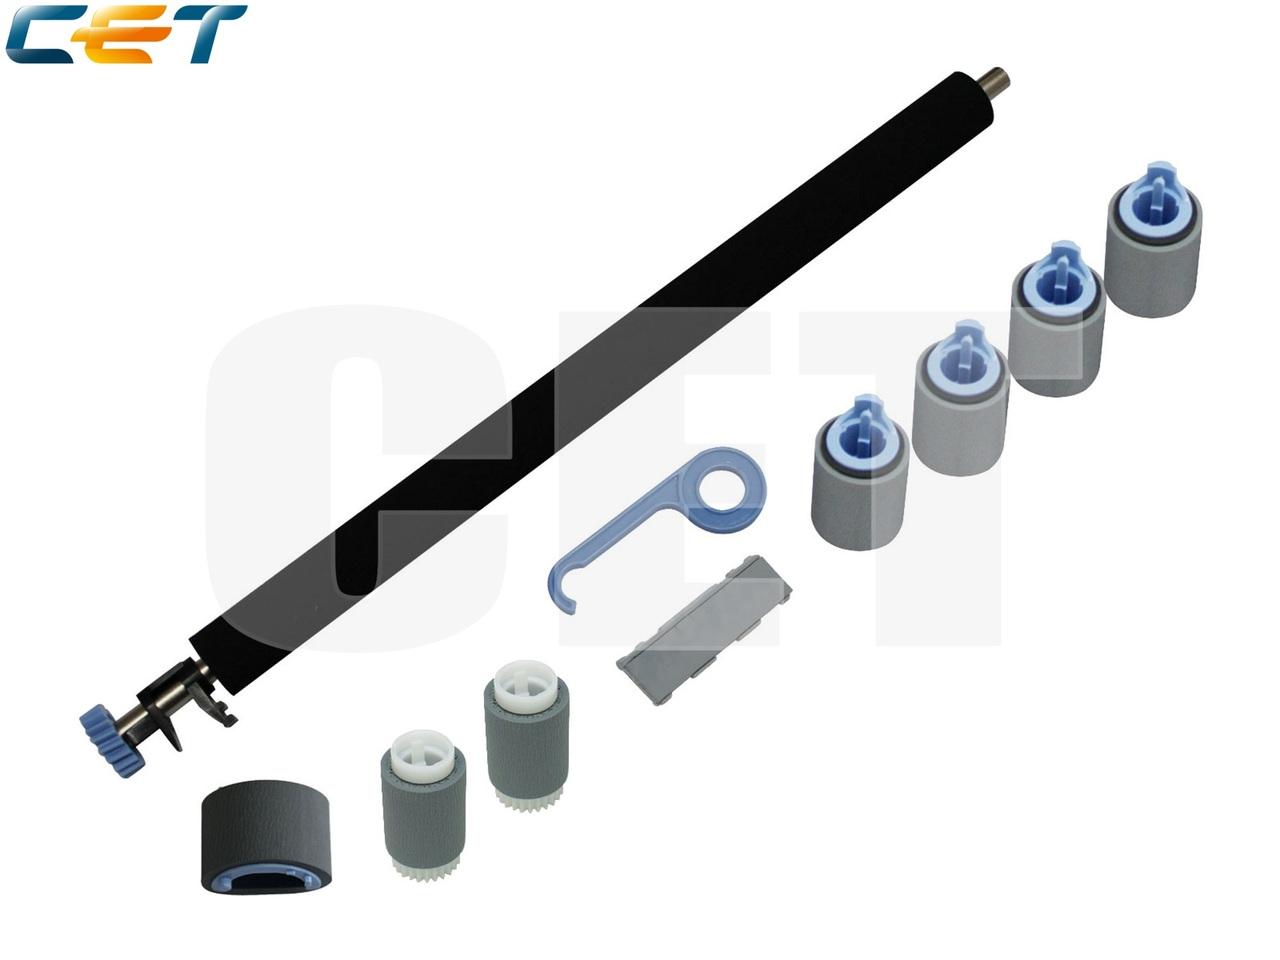 Комплект роликов RM1-0699 (1 шт), RL1-0007 (1 шт.),RM1-0036 (2 шт.), RM1-0037 (4 шт.), RL1-0019 (1 шт.) для HPLaserJet 4200/4300/4250/4350 (CET), CET5535